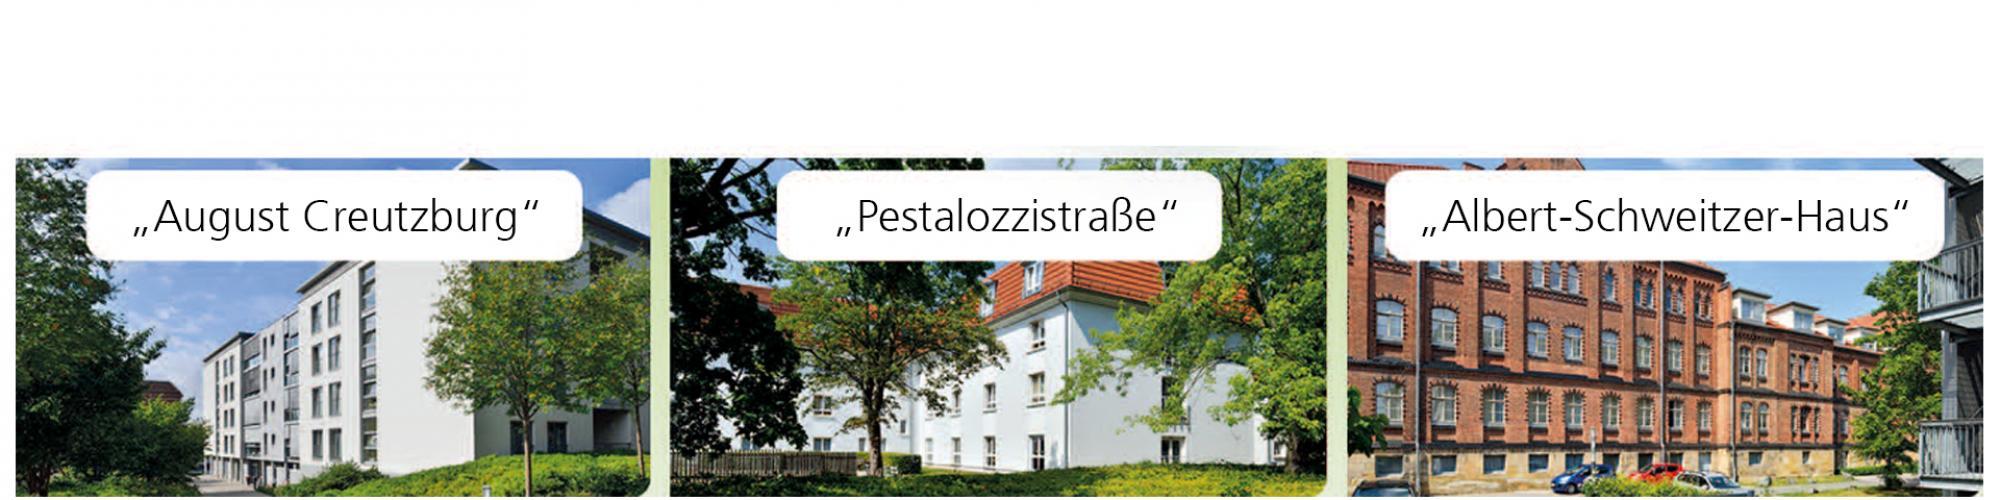 Städtische Heime Gotha gemeinnützige GmbH